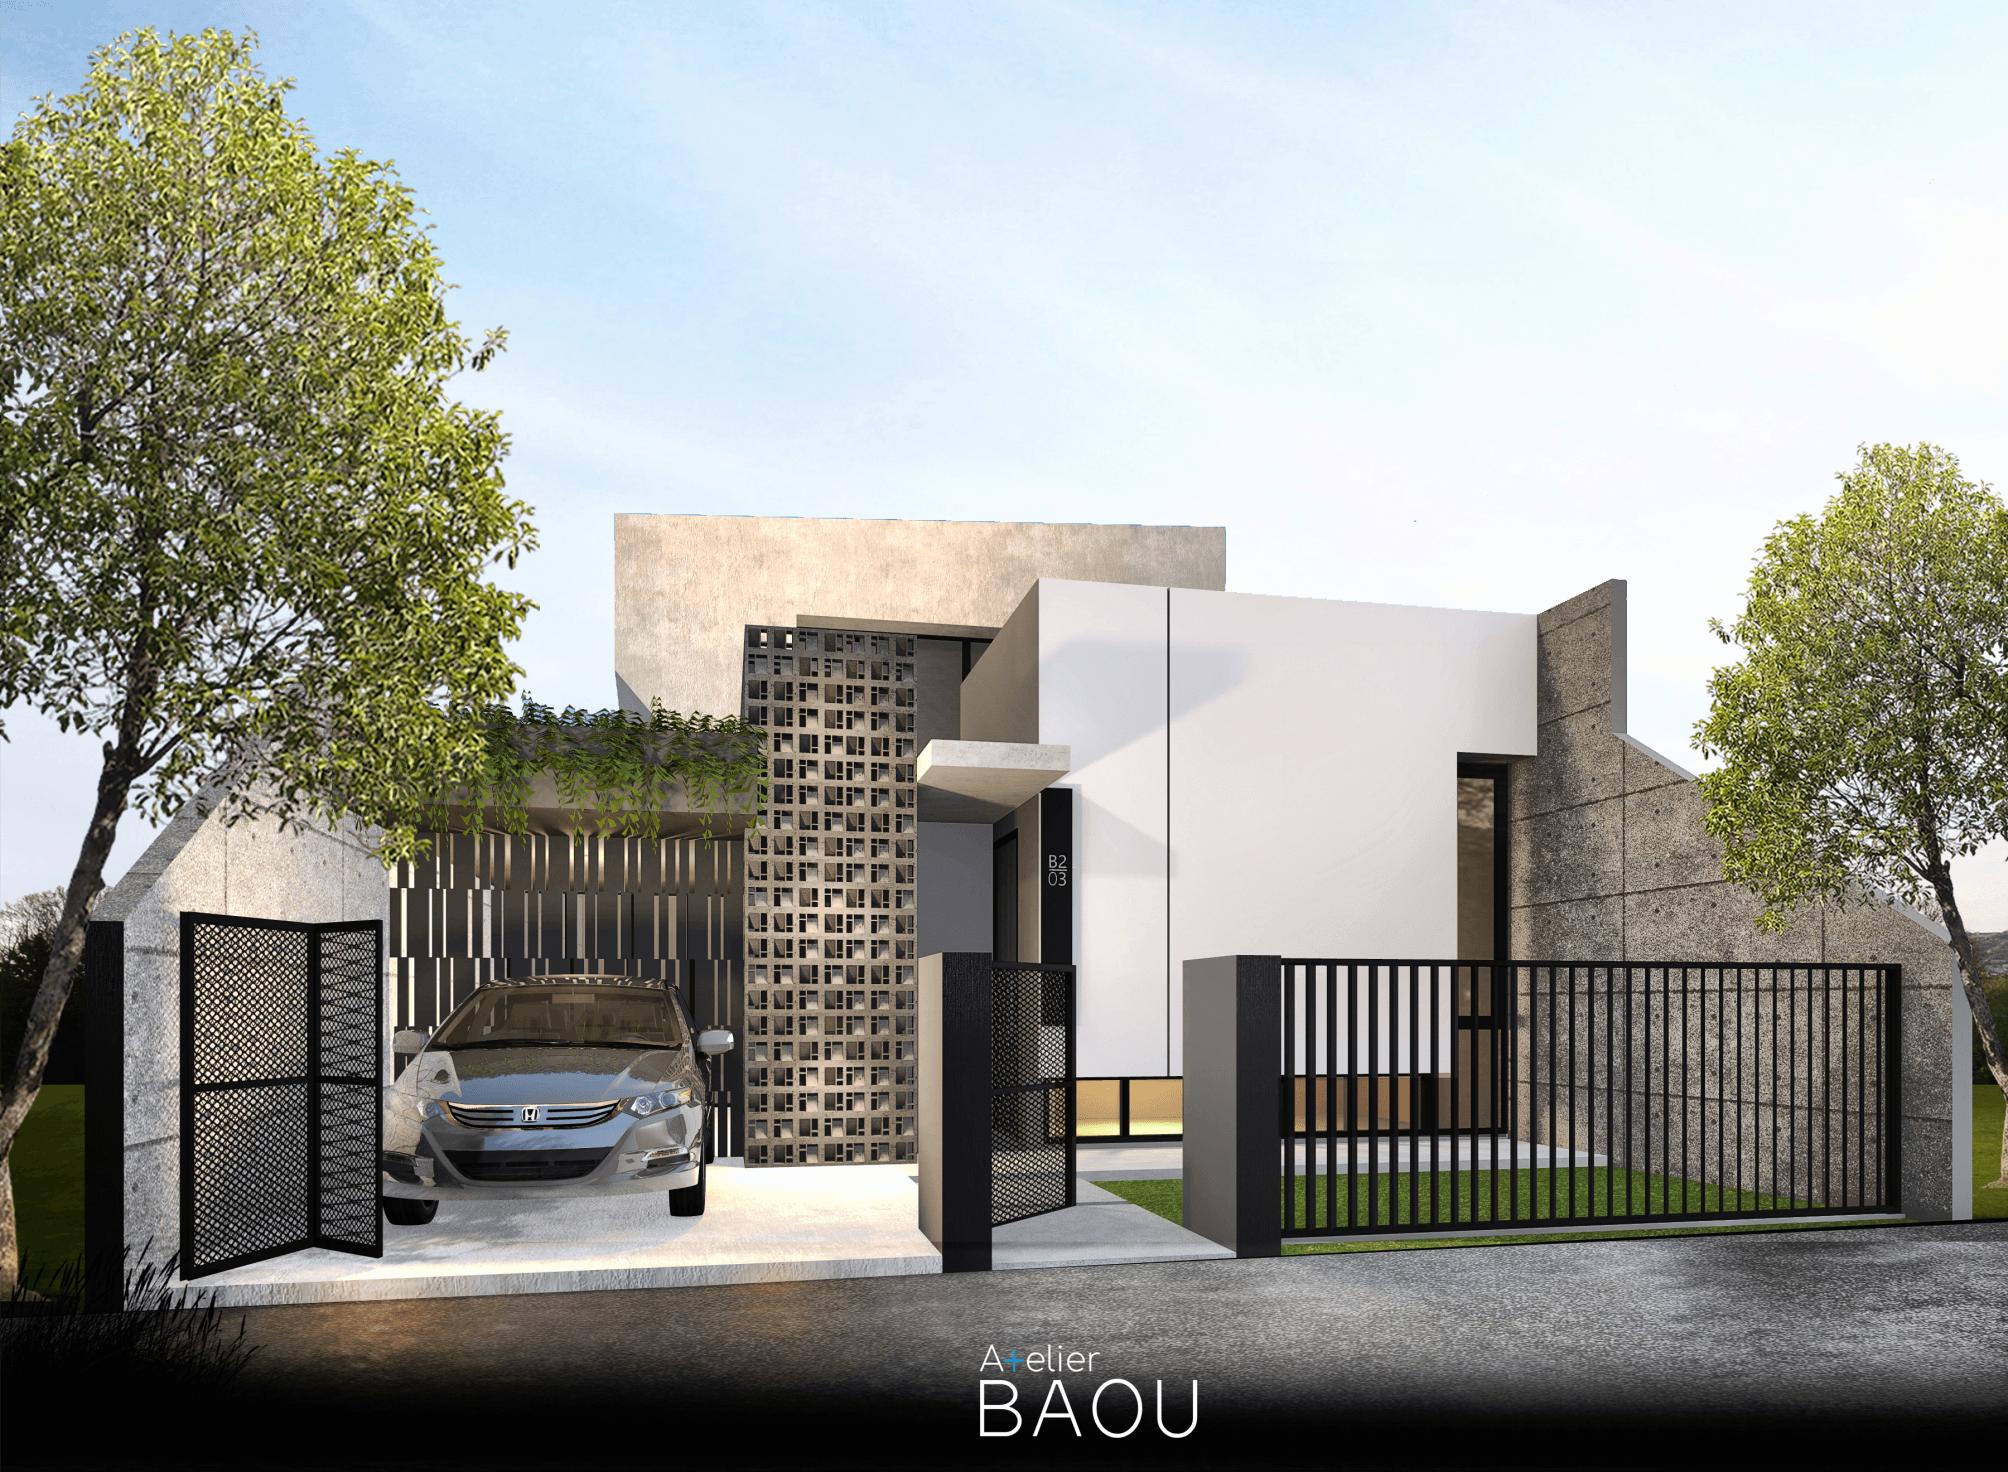 Atelier Baou S House Serang, Kec. Serang, Kota Serang, Banten, Indonesia Serang, Kec. Serang, Kota Serang, Banten, Indonesia Atelier-Baou-S-House   86451